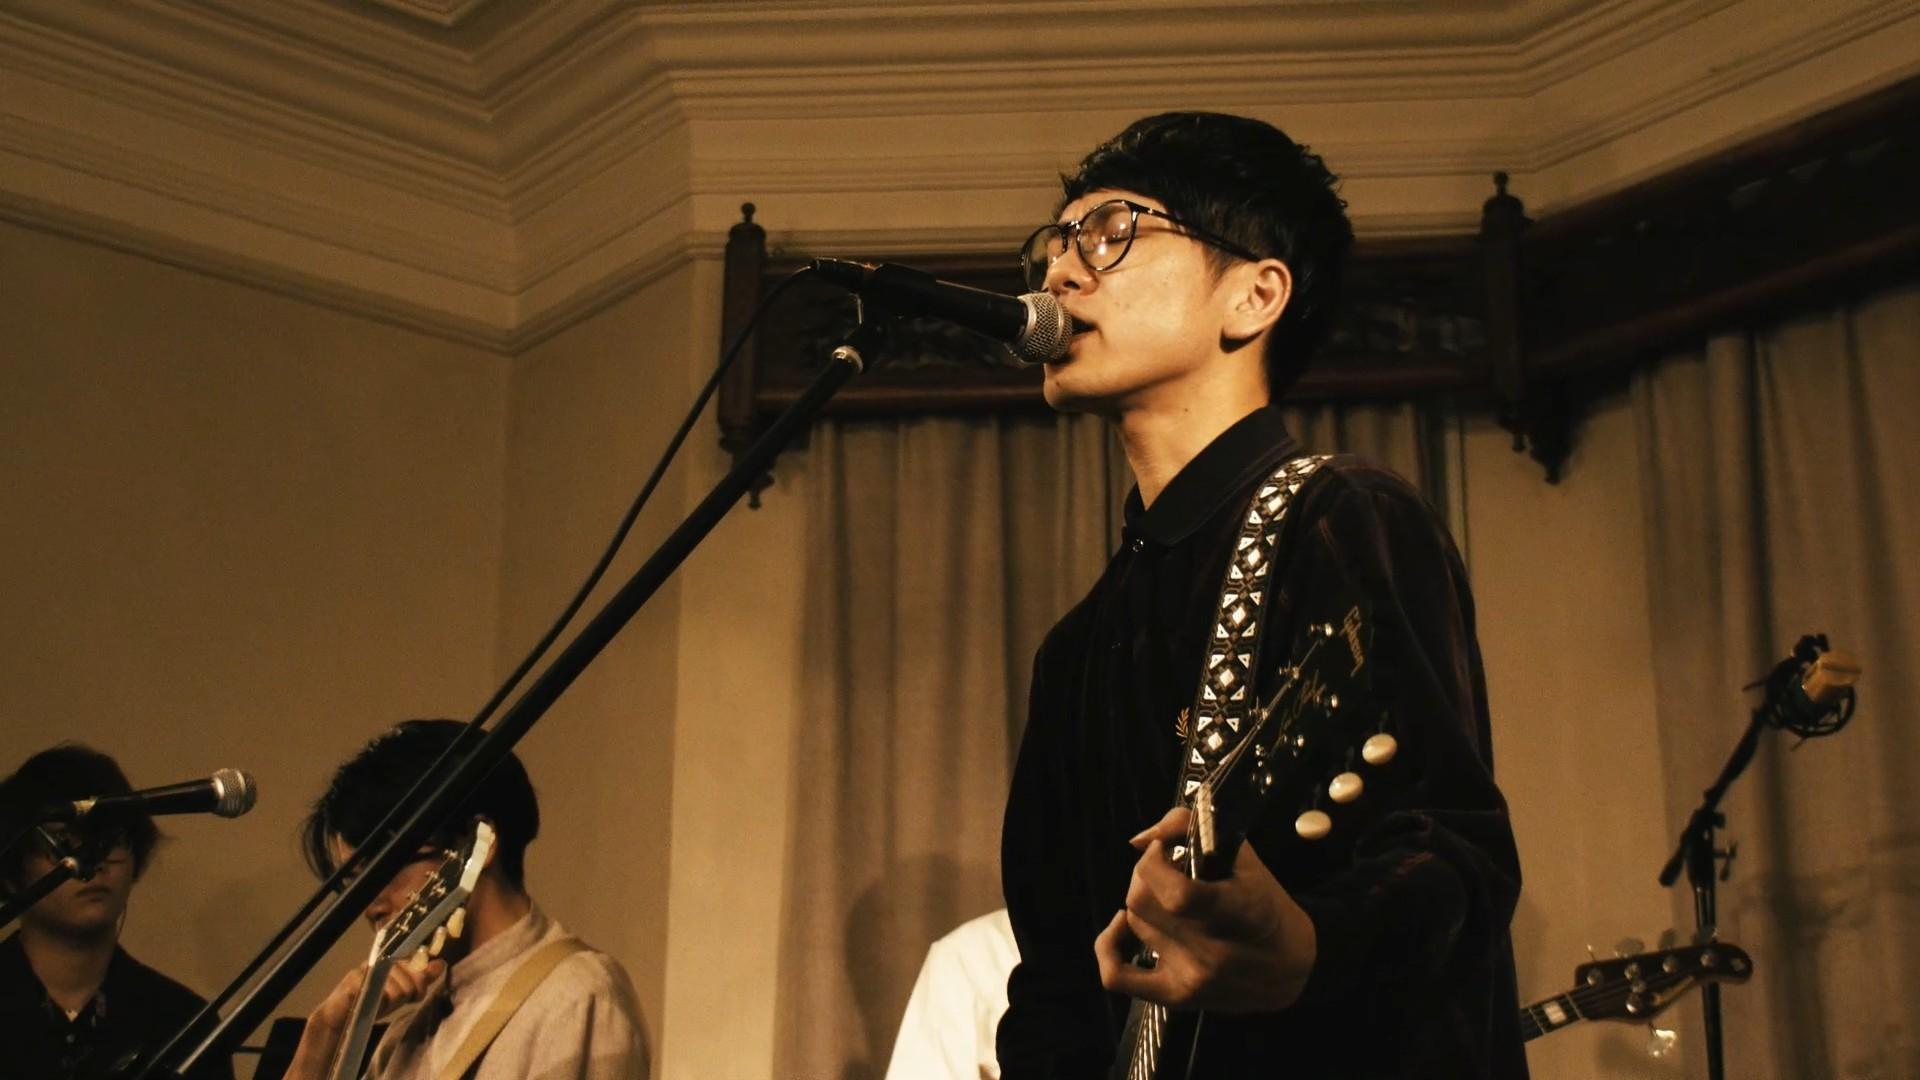 「ケセラセラ (Live at 旧グッゲンハイム邸 2020.10.25)」サムネイル